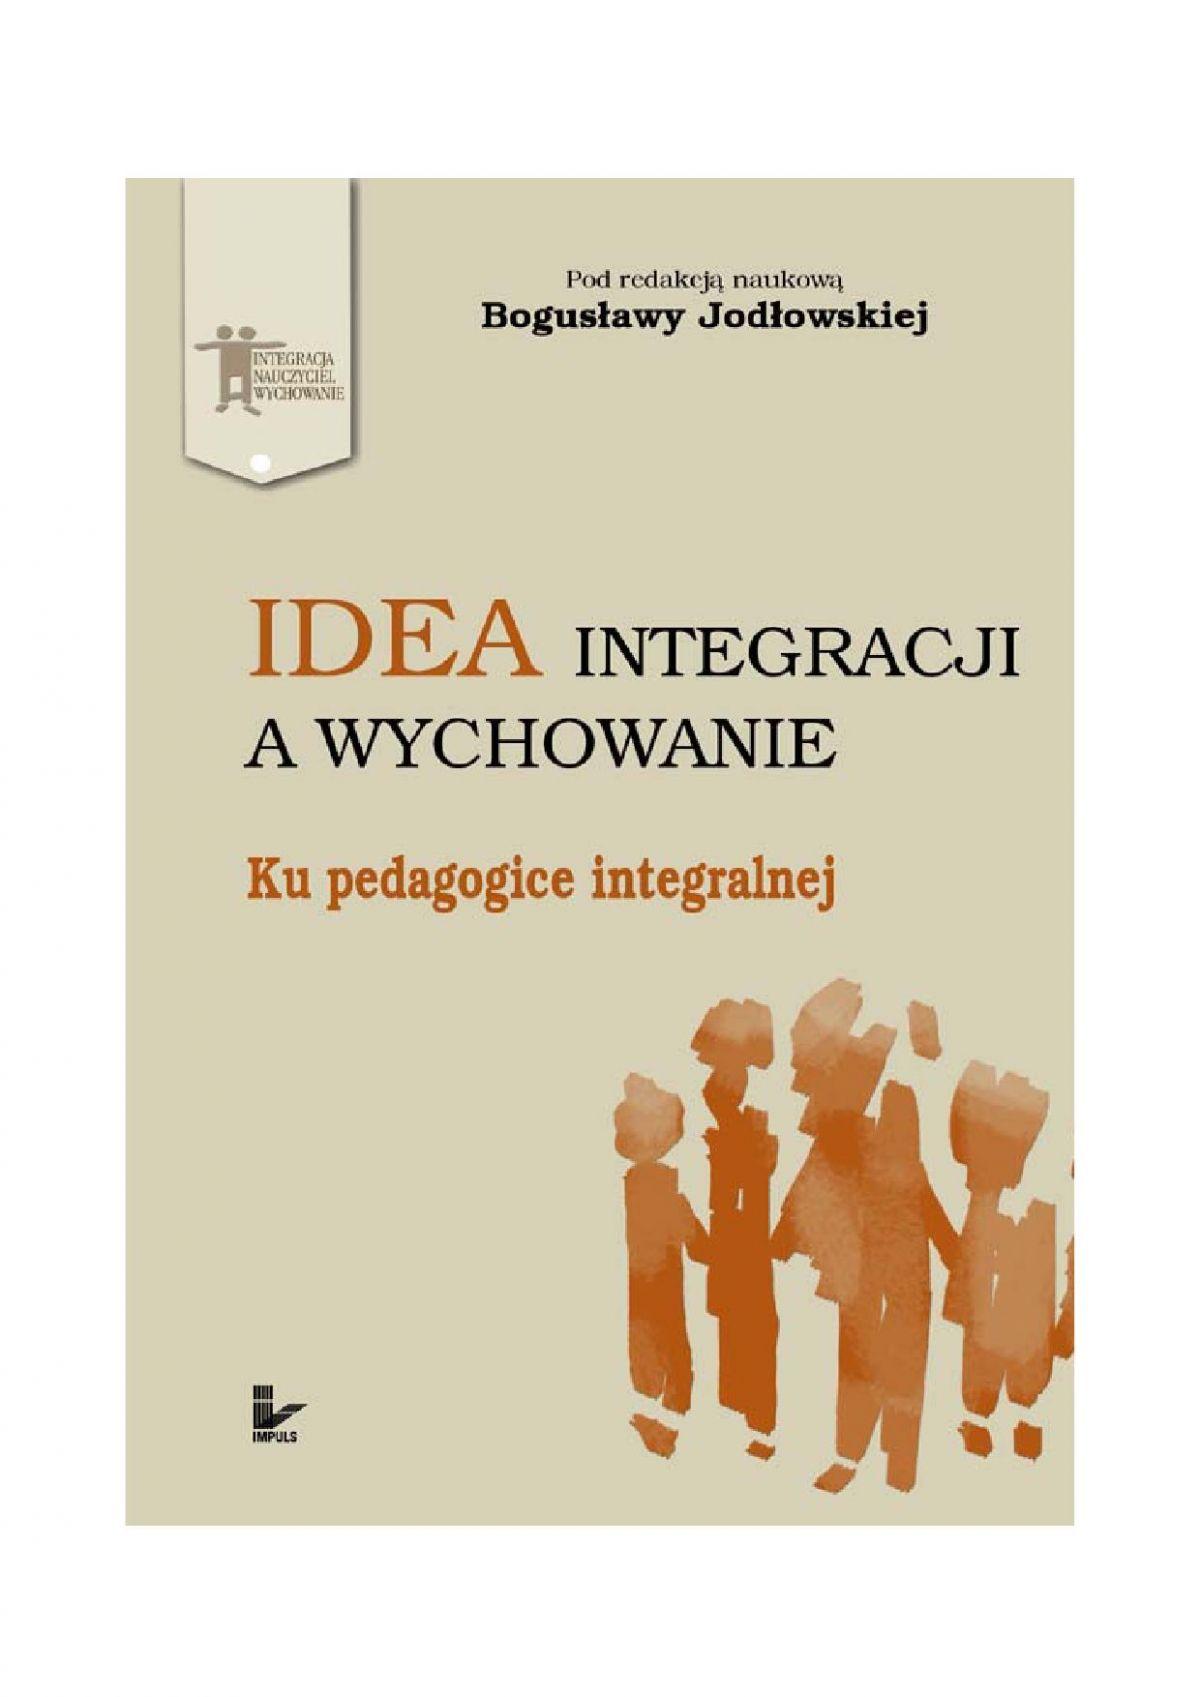 Idea integracji a wychowanie. Ku pedagogice integralnej - Ebook (Książka EPUB) do pobrania w formacie EPUB